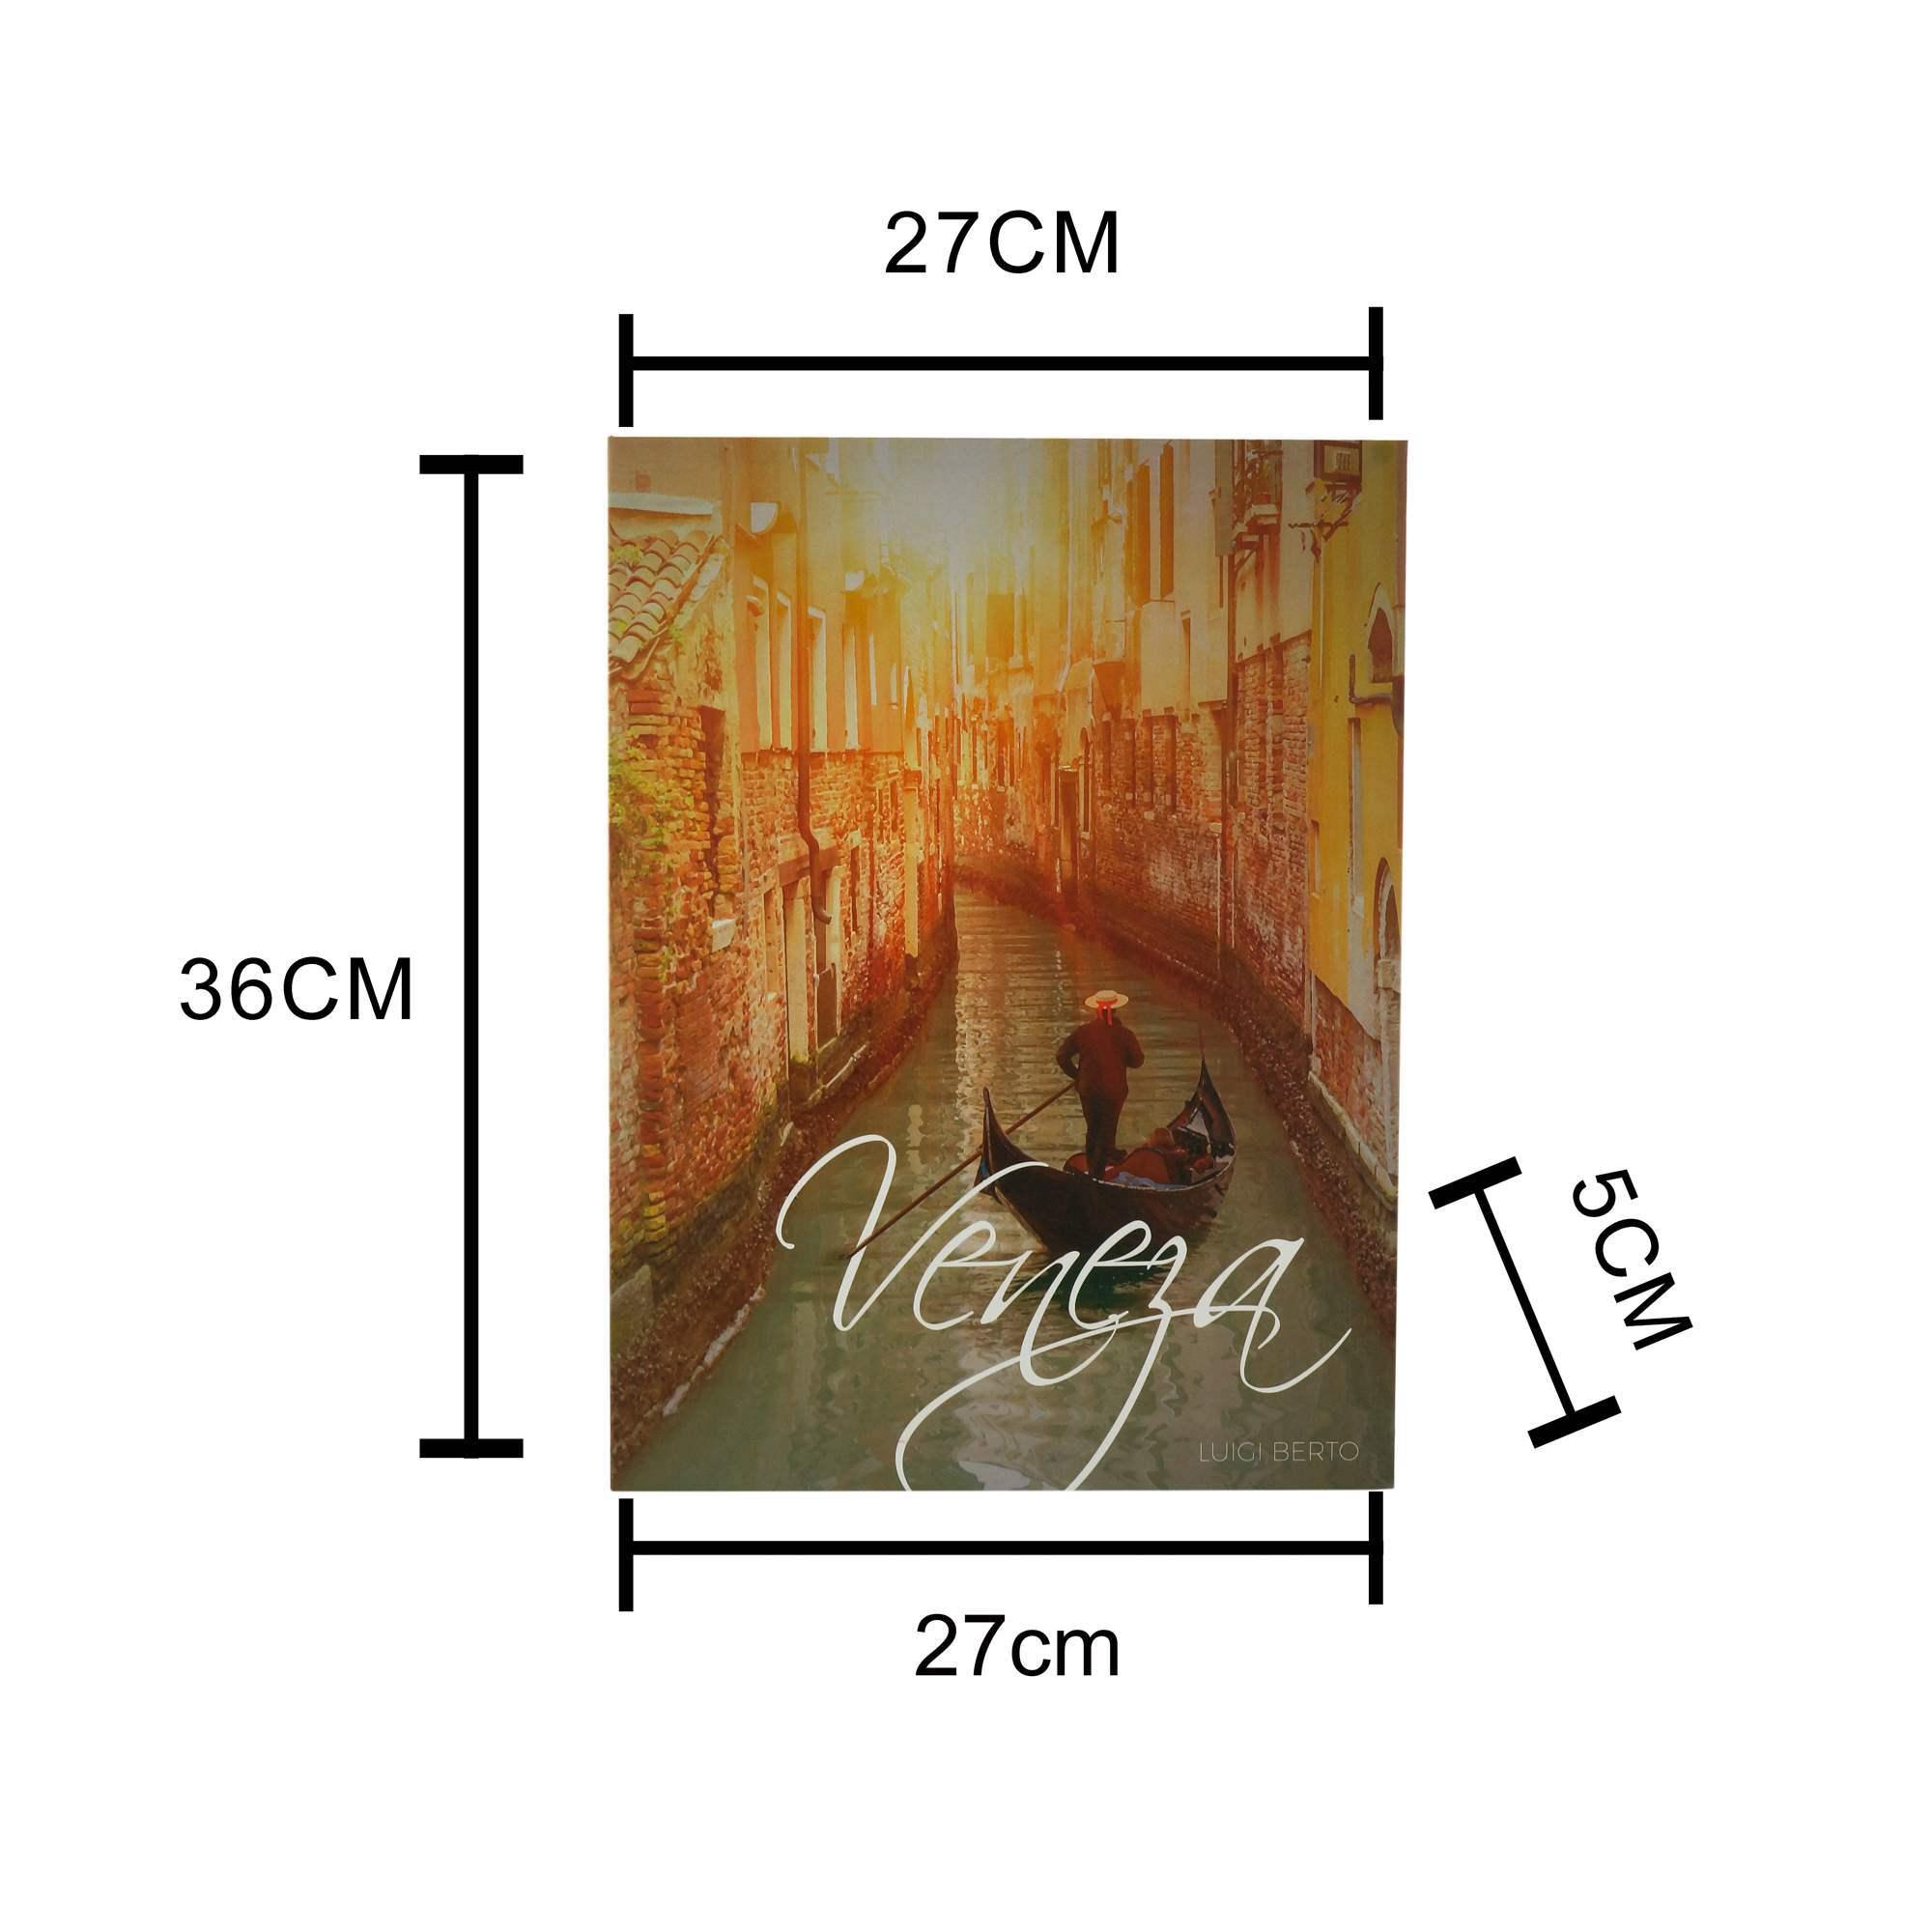 Caixa Livro Papel Rígido Veneza 36x27x5cm